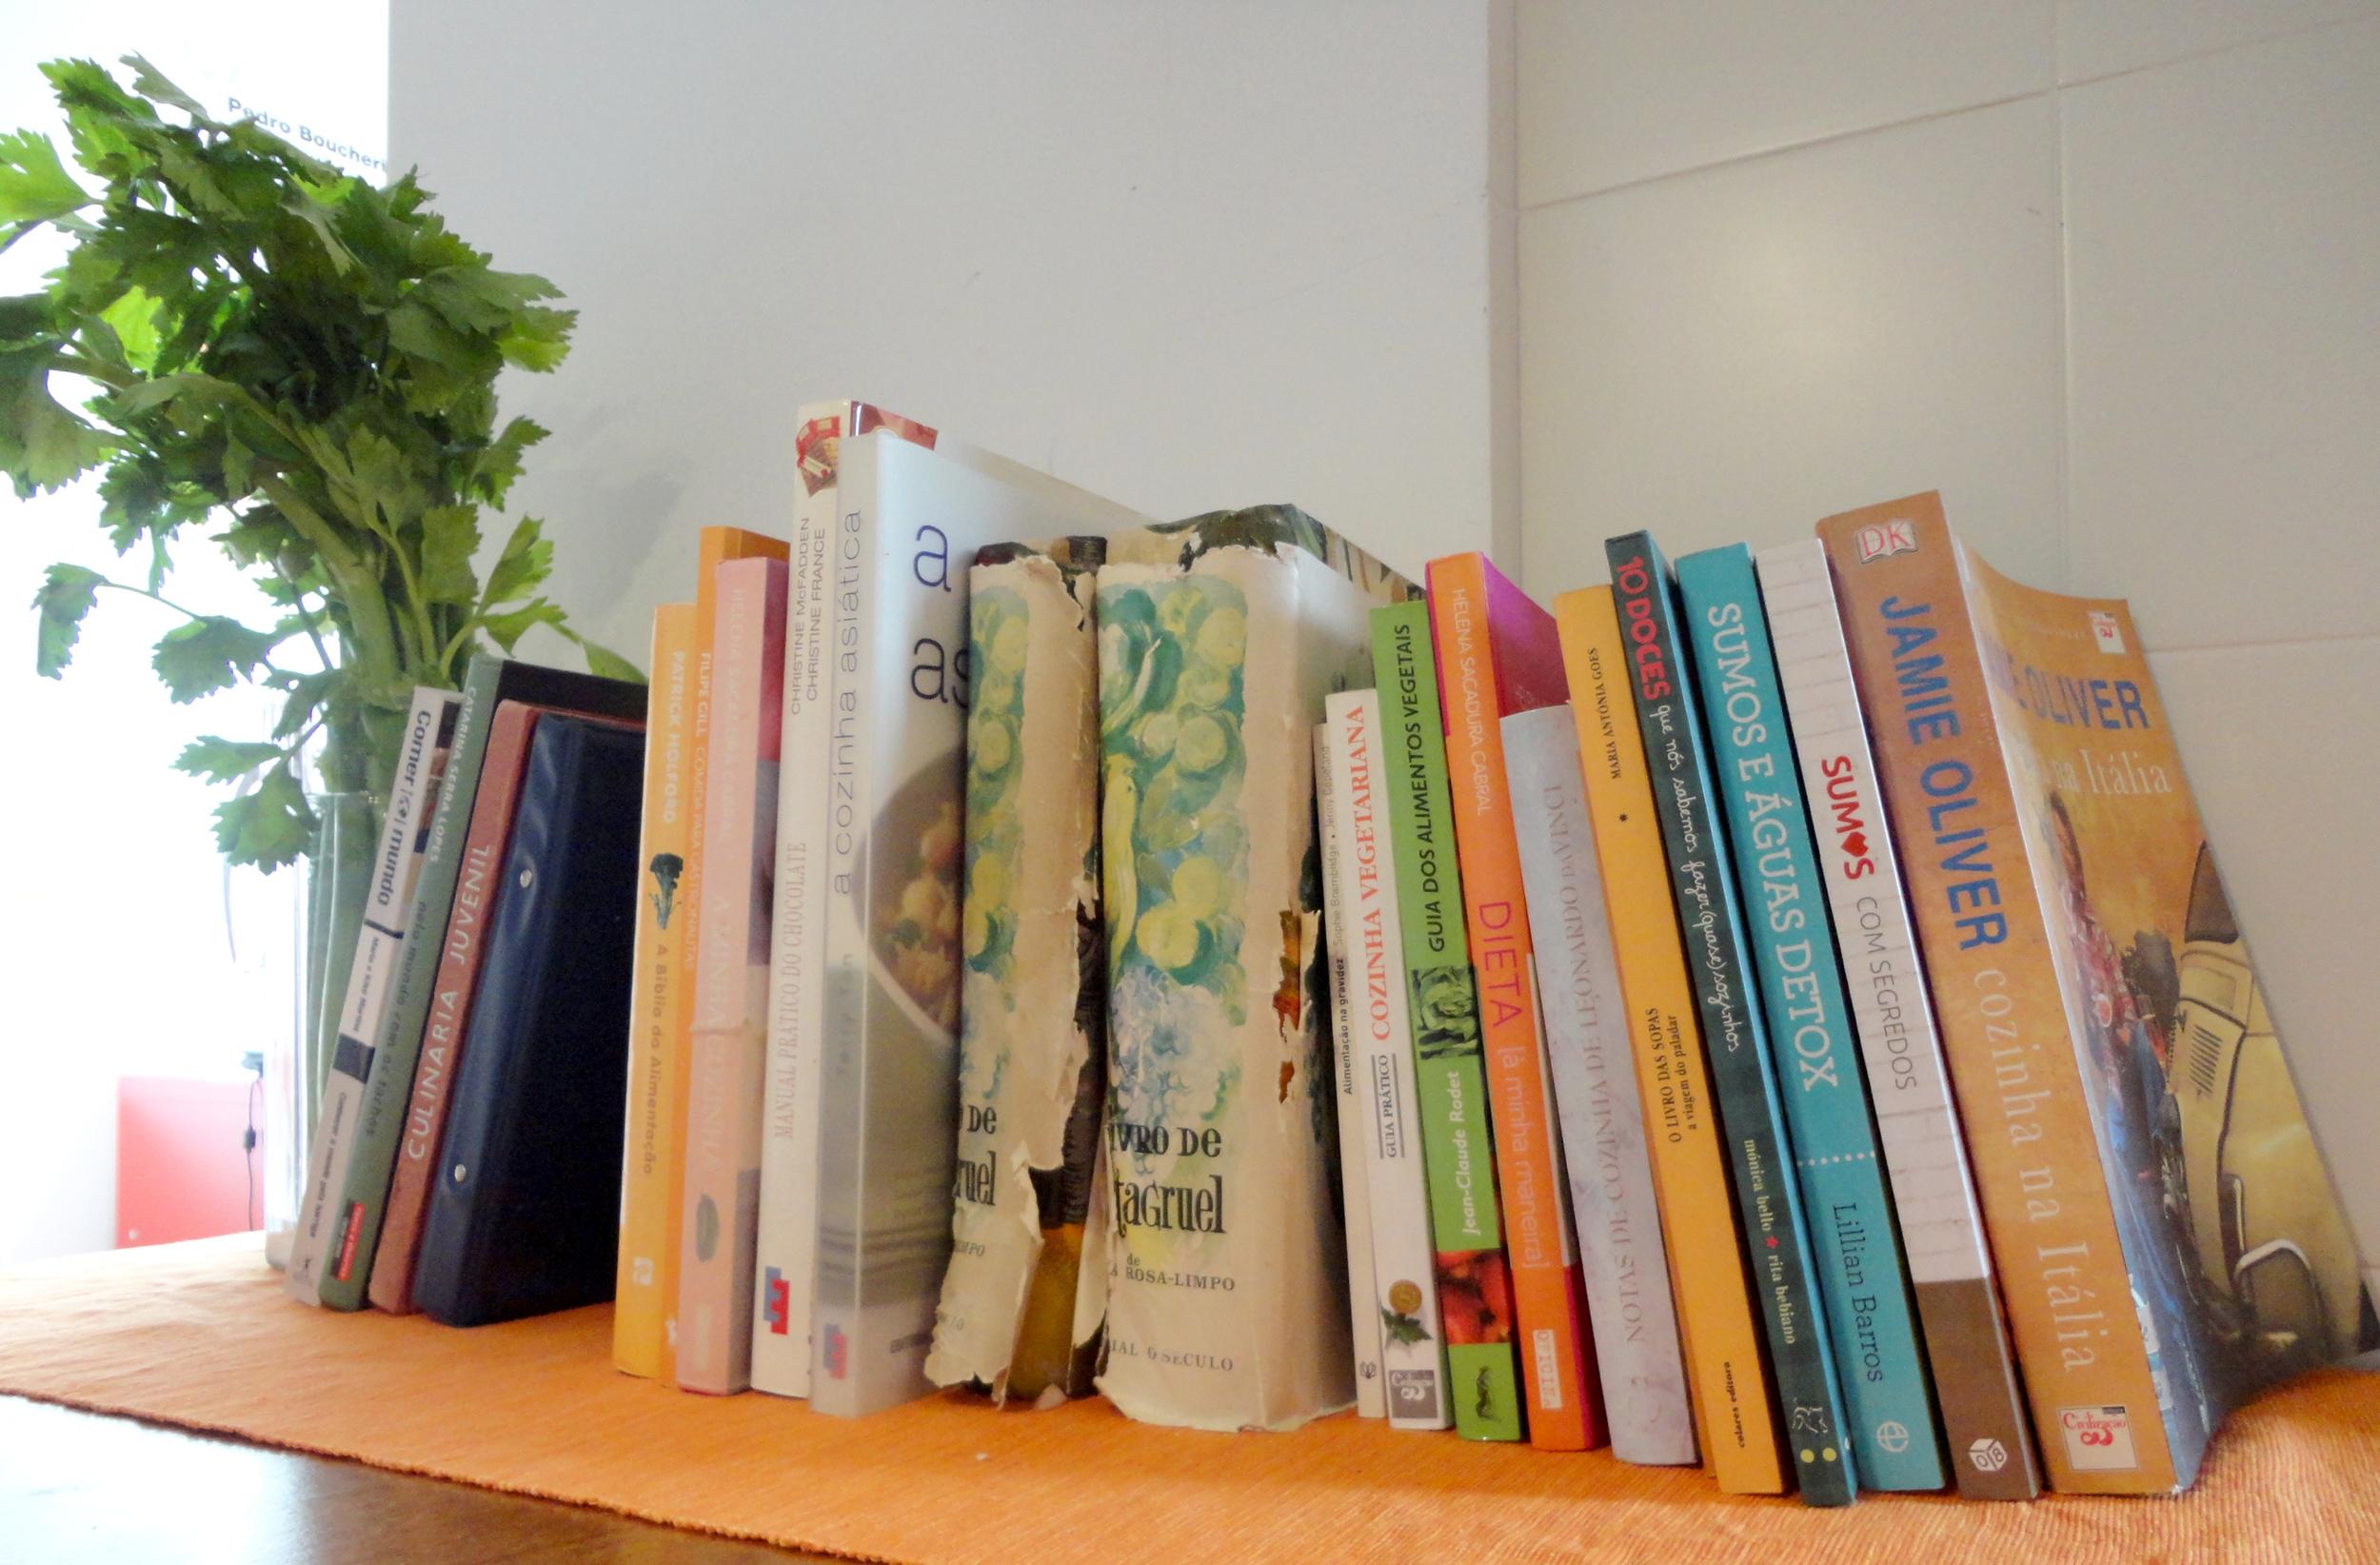 enquanto ela preparava um sumo daqueles, dizia-me orgulhosamente que tinha  os livros da Pantagruel  que pertenciam à sua avó. só me fez lembrar uma passagem no filme  Julie e Julia  sobre a fantástica Julia Child